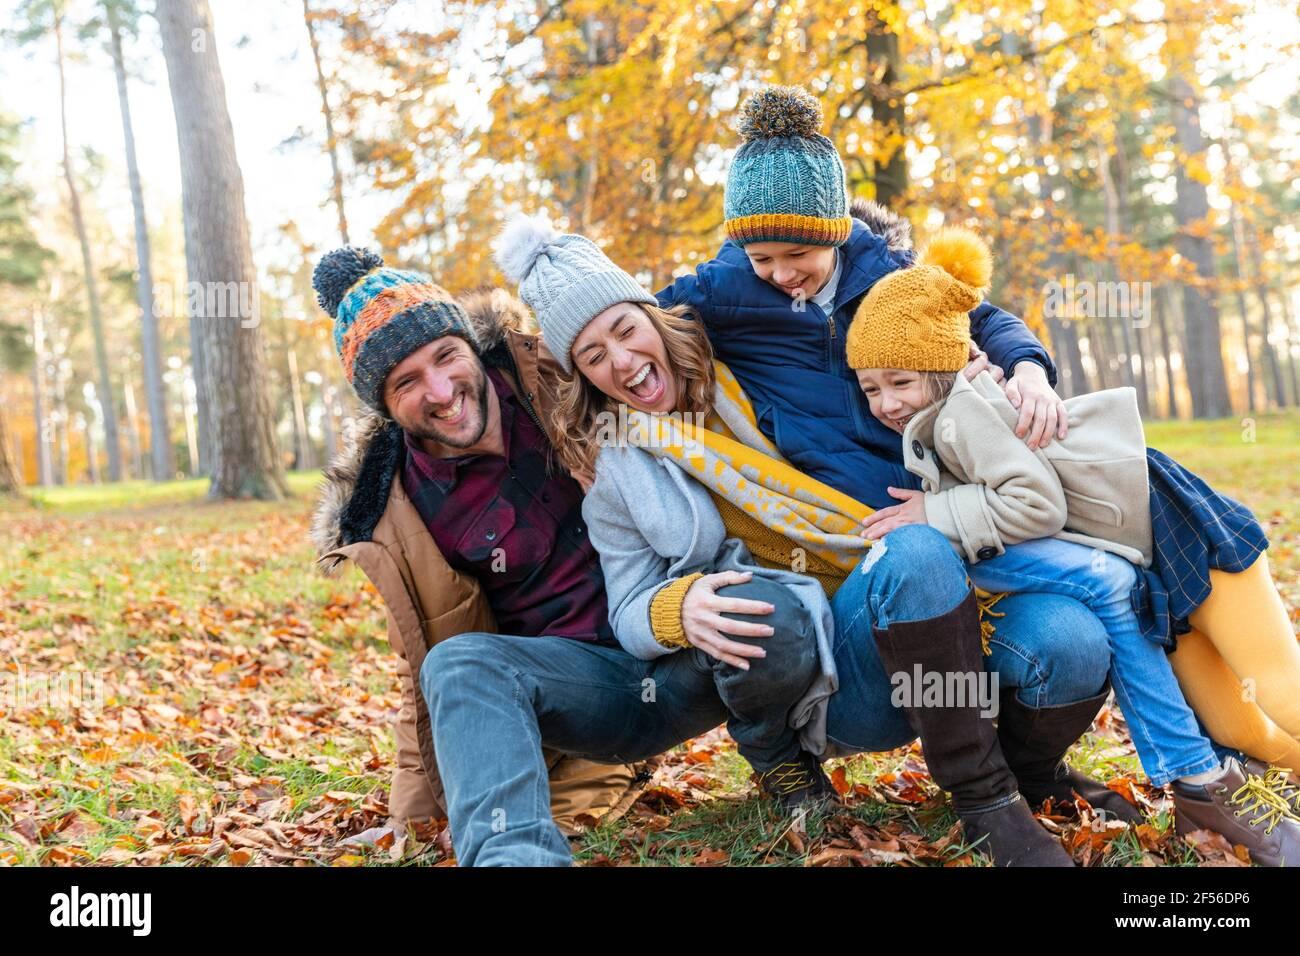 Famille ludique tombant les uns sur les autres tout en s'accroupiant dans la forêt Banque D'Images